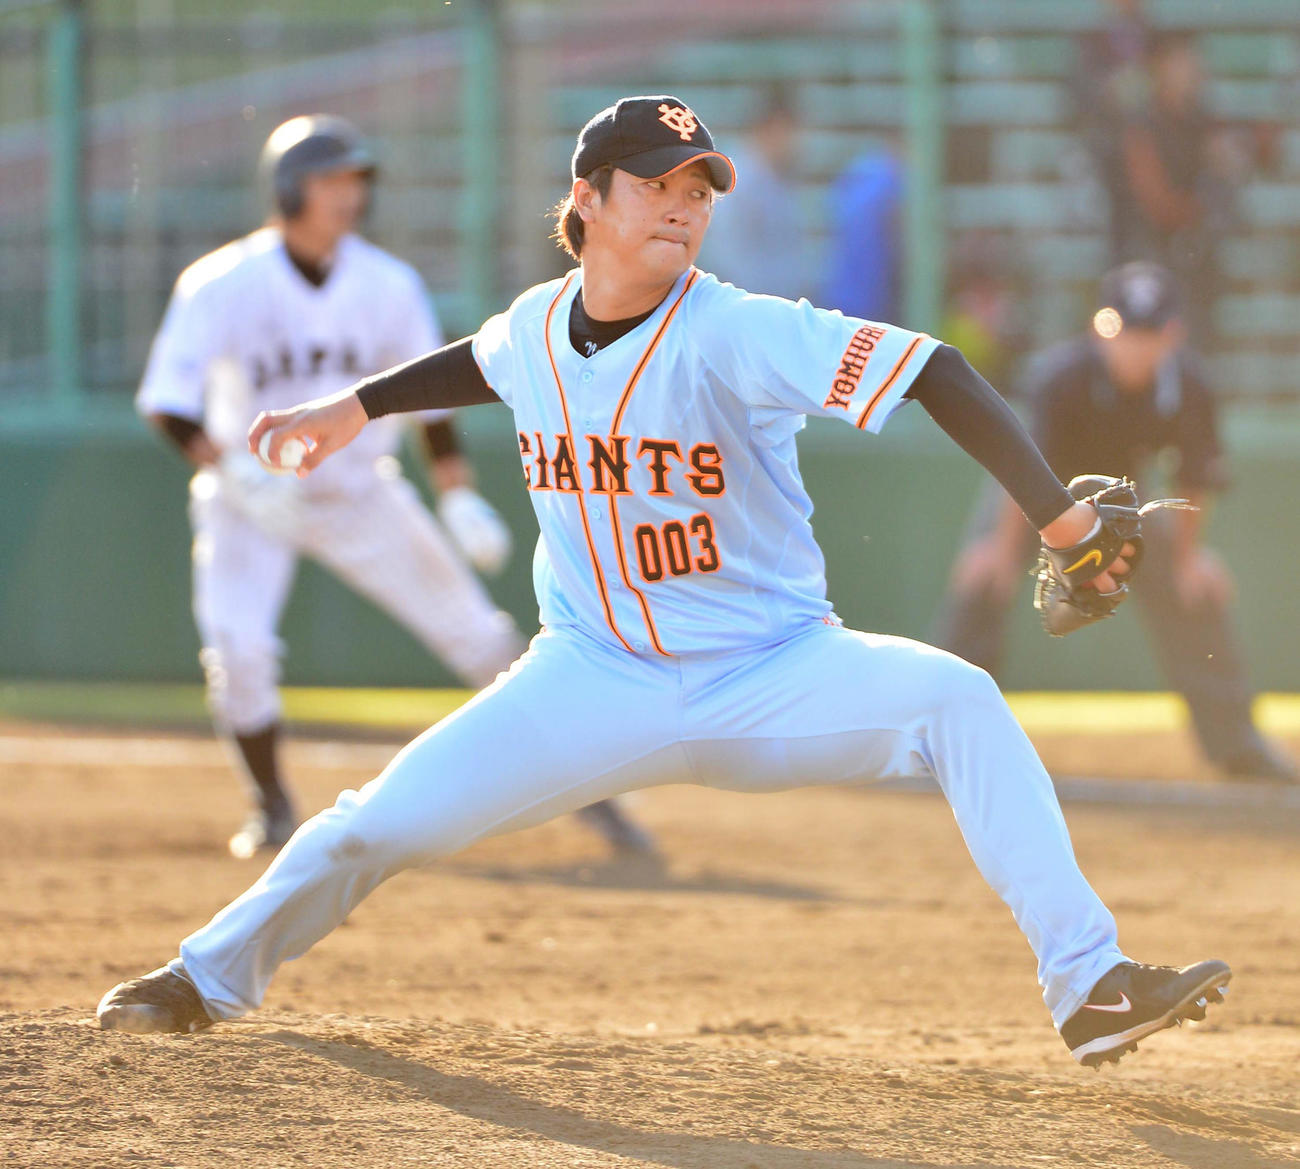 14年11月、21U日本代表対巨人 巨人4番手で登板した野間口貴彦氏